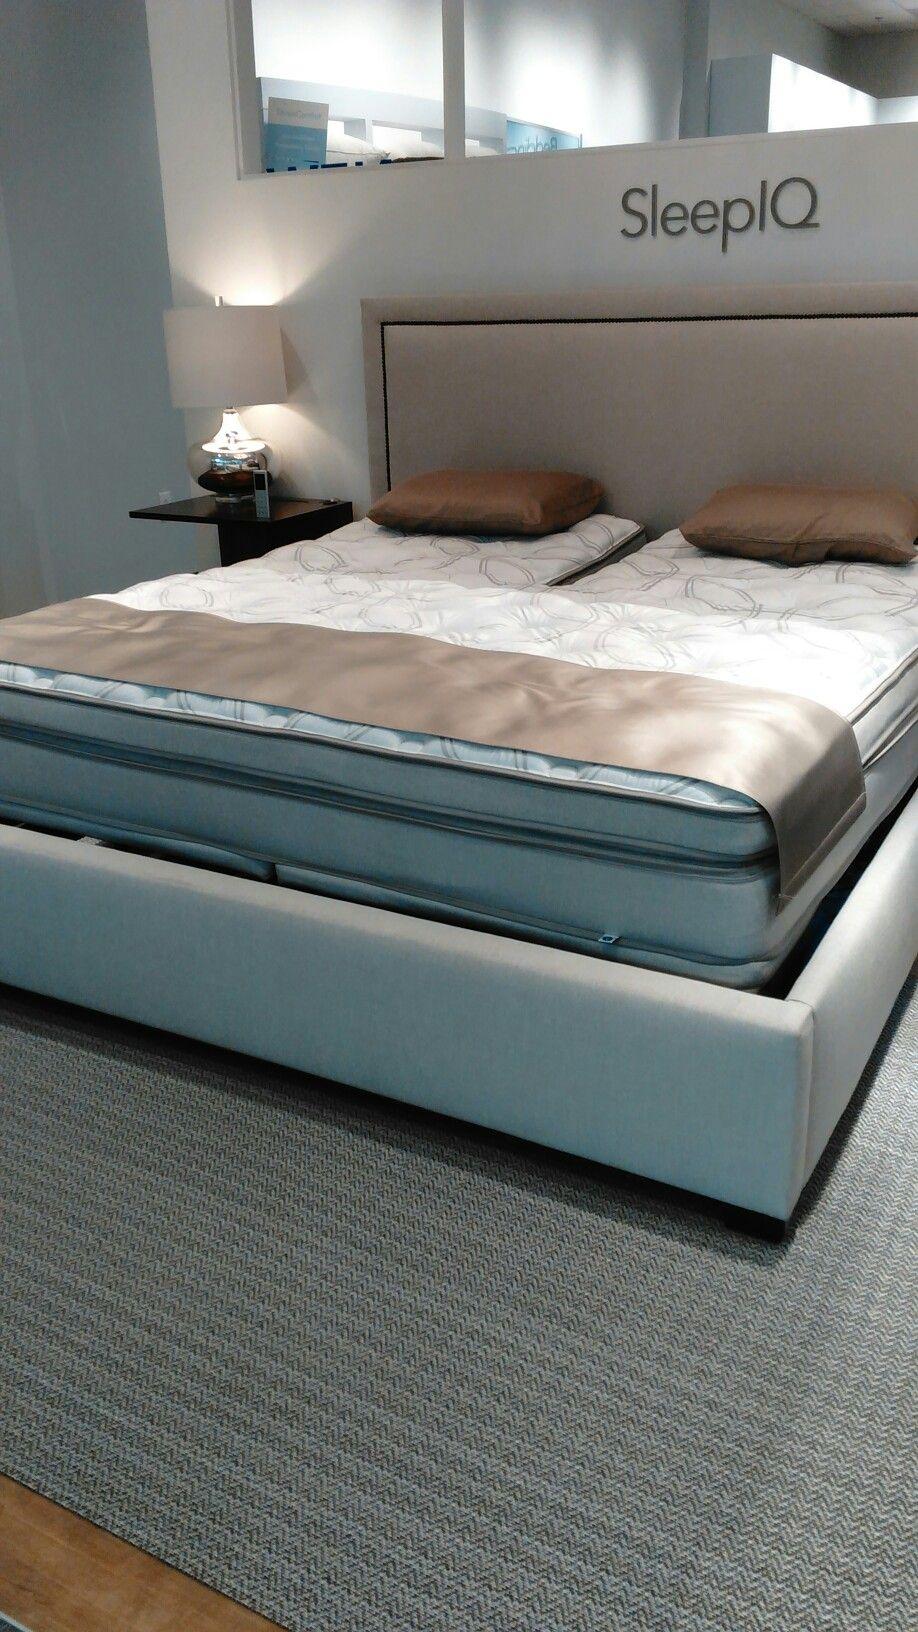 Sleep Number I8 Bed With Sleepiq Technology Ad Bed Good Night Sleep Mattress